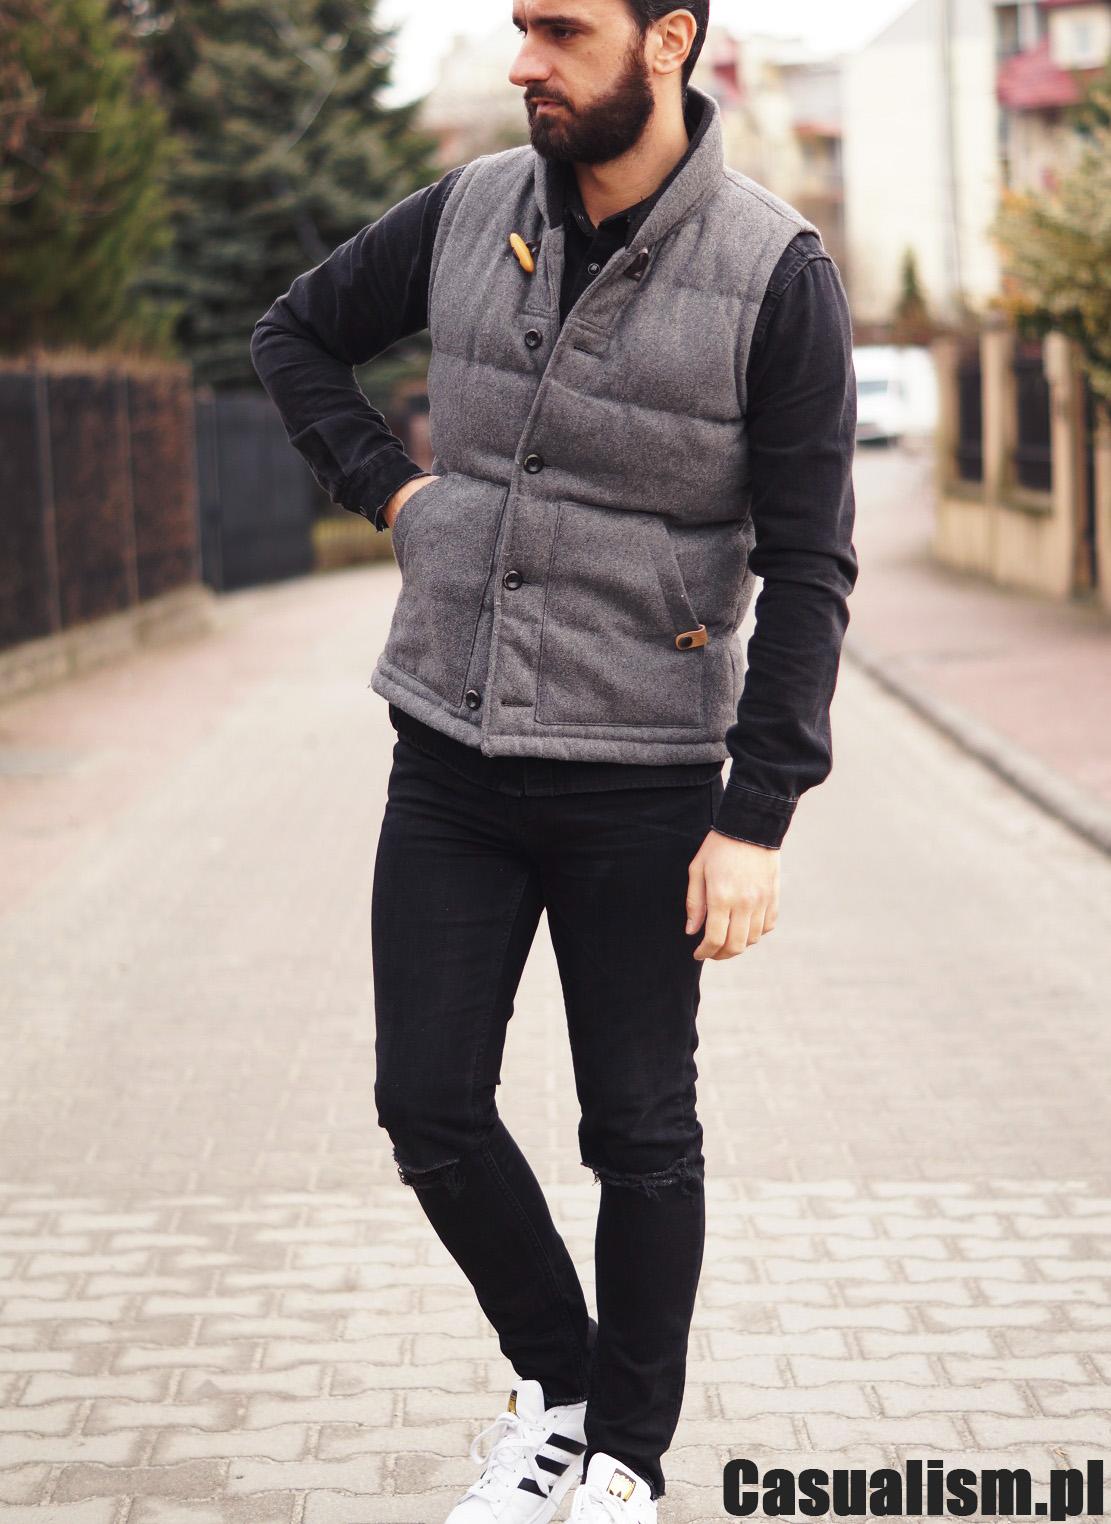 Ubranie dla mężczyzny